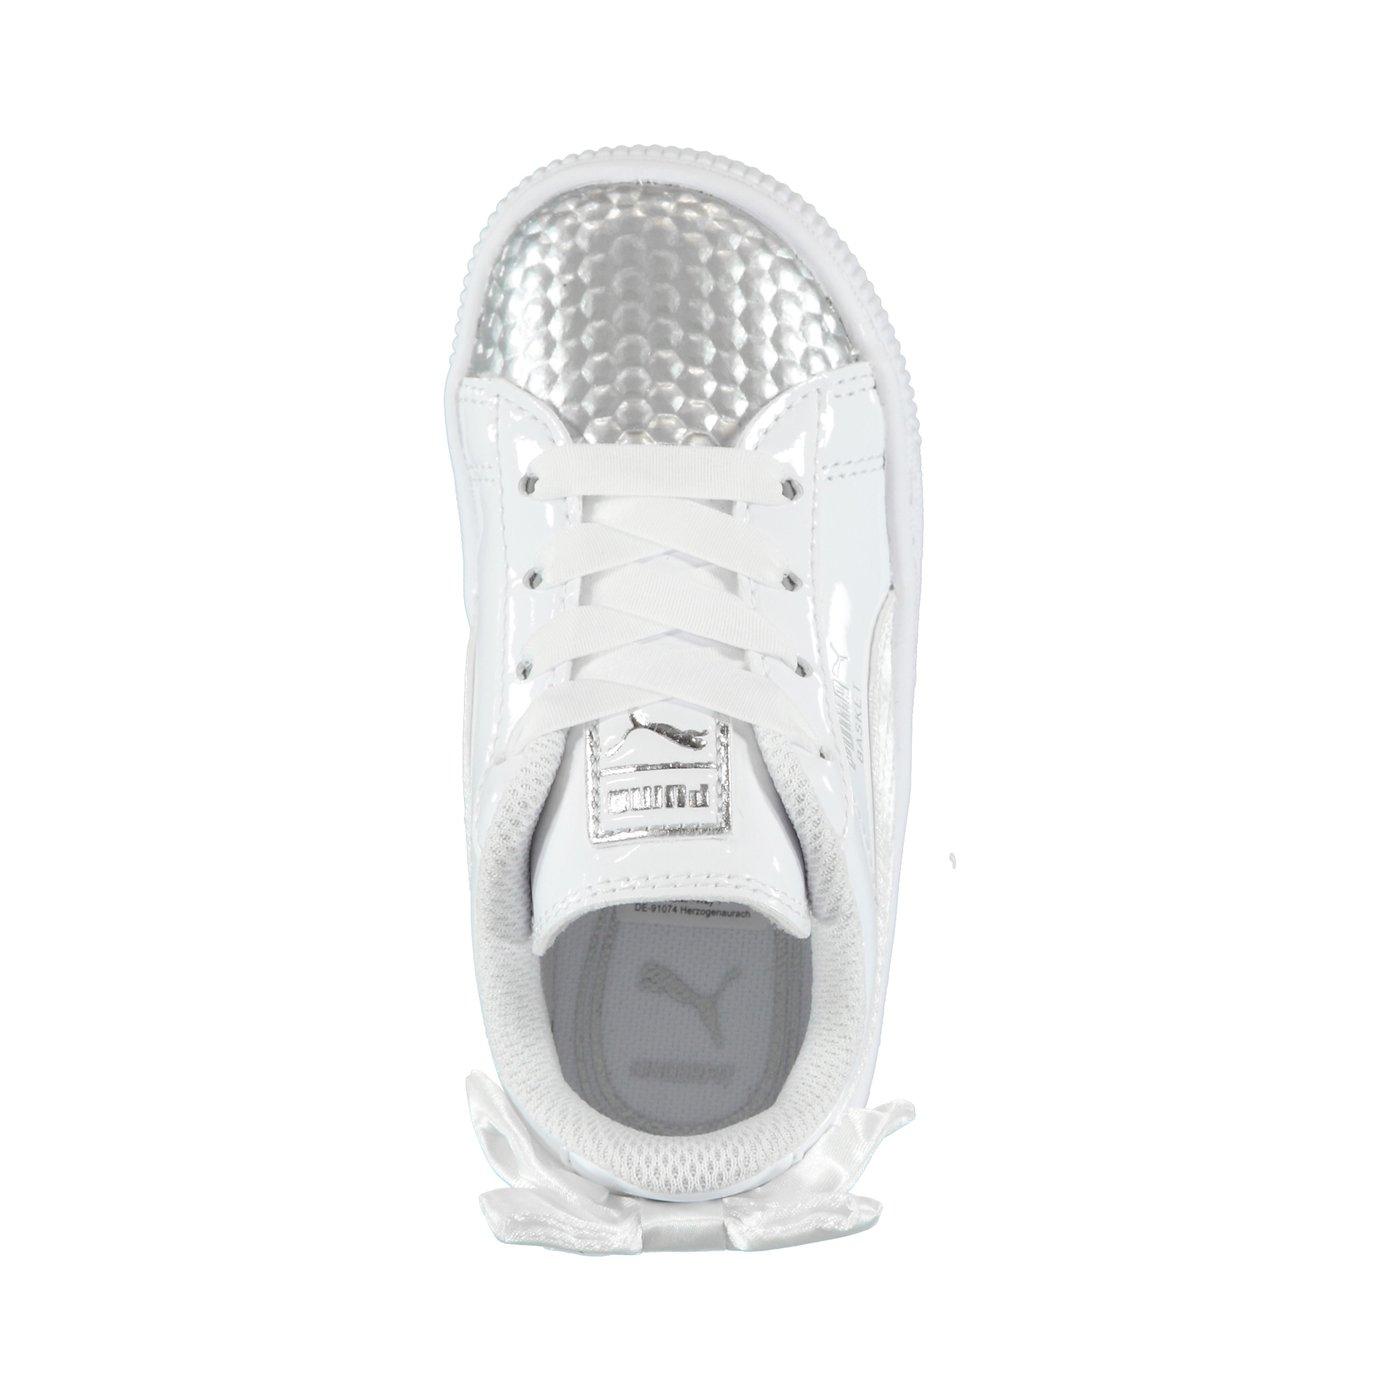 Puma Basket Bow Coated Glam Çocuk Beyaz Spor Ayakkabı